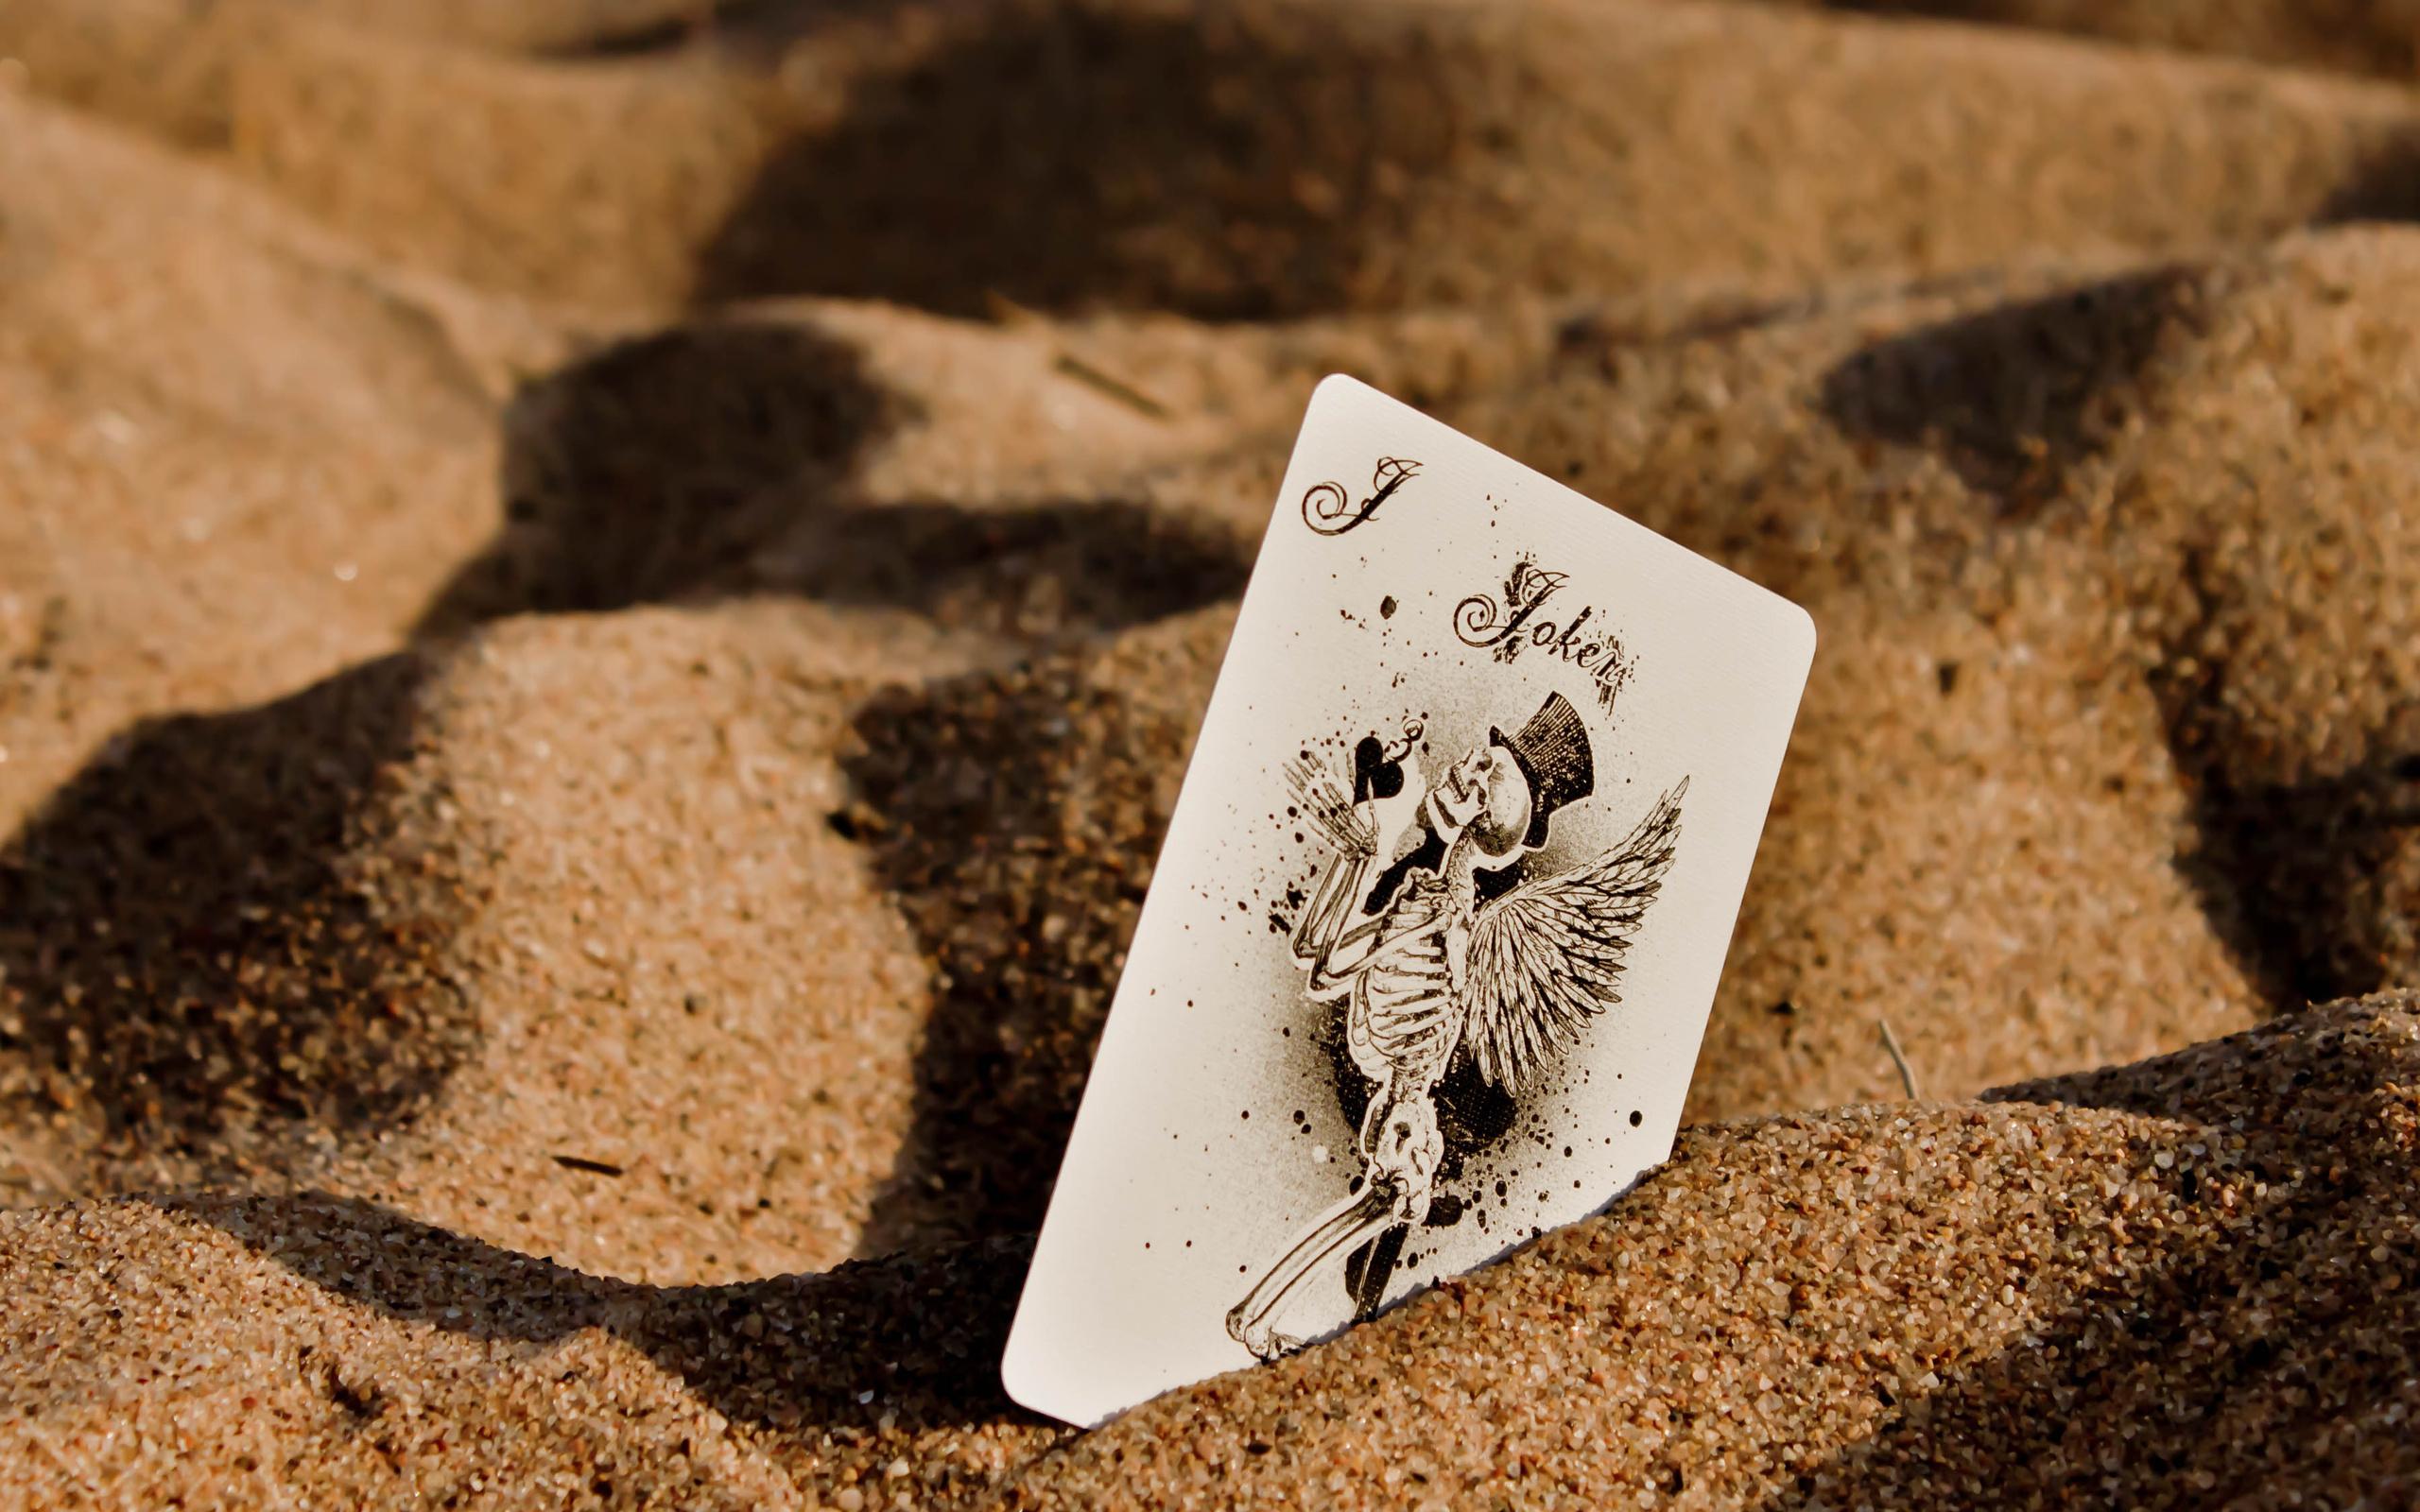 Joker Skeleton Wings Wallpapers 2560x1600 1351403